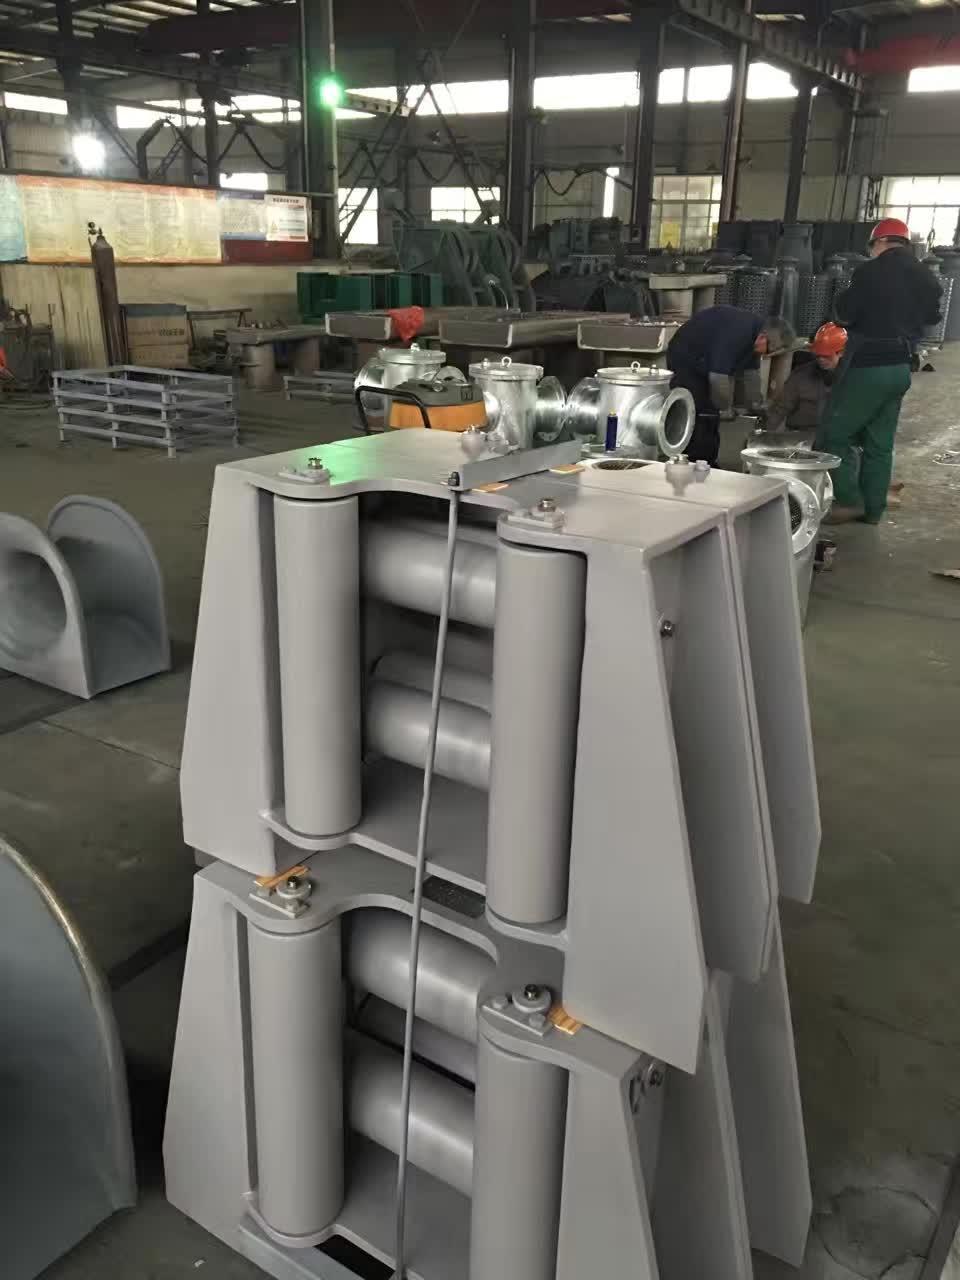 Fairlead Mooring Roller Ship Made of Cast Steel